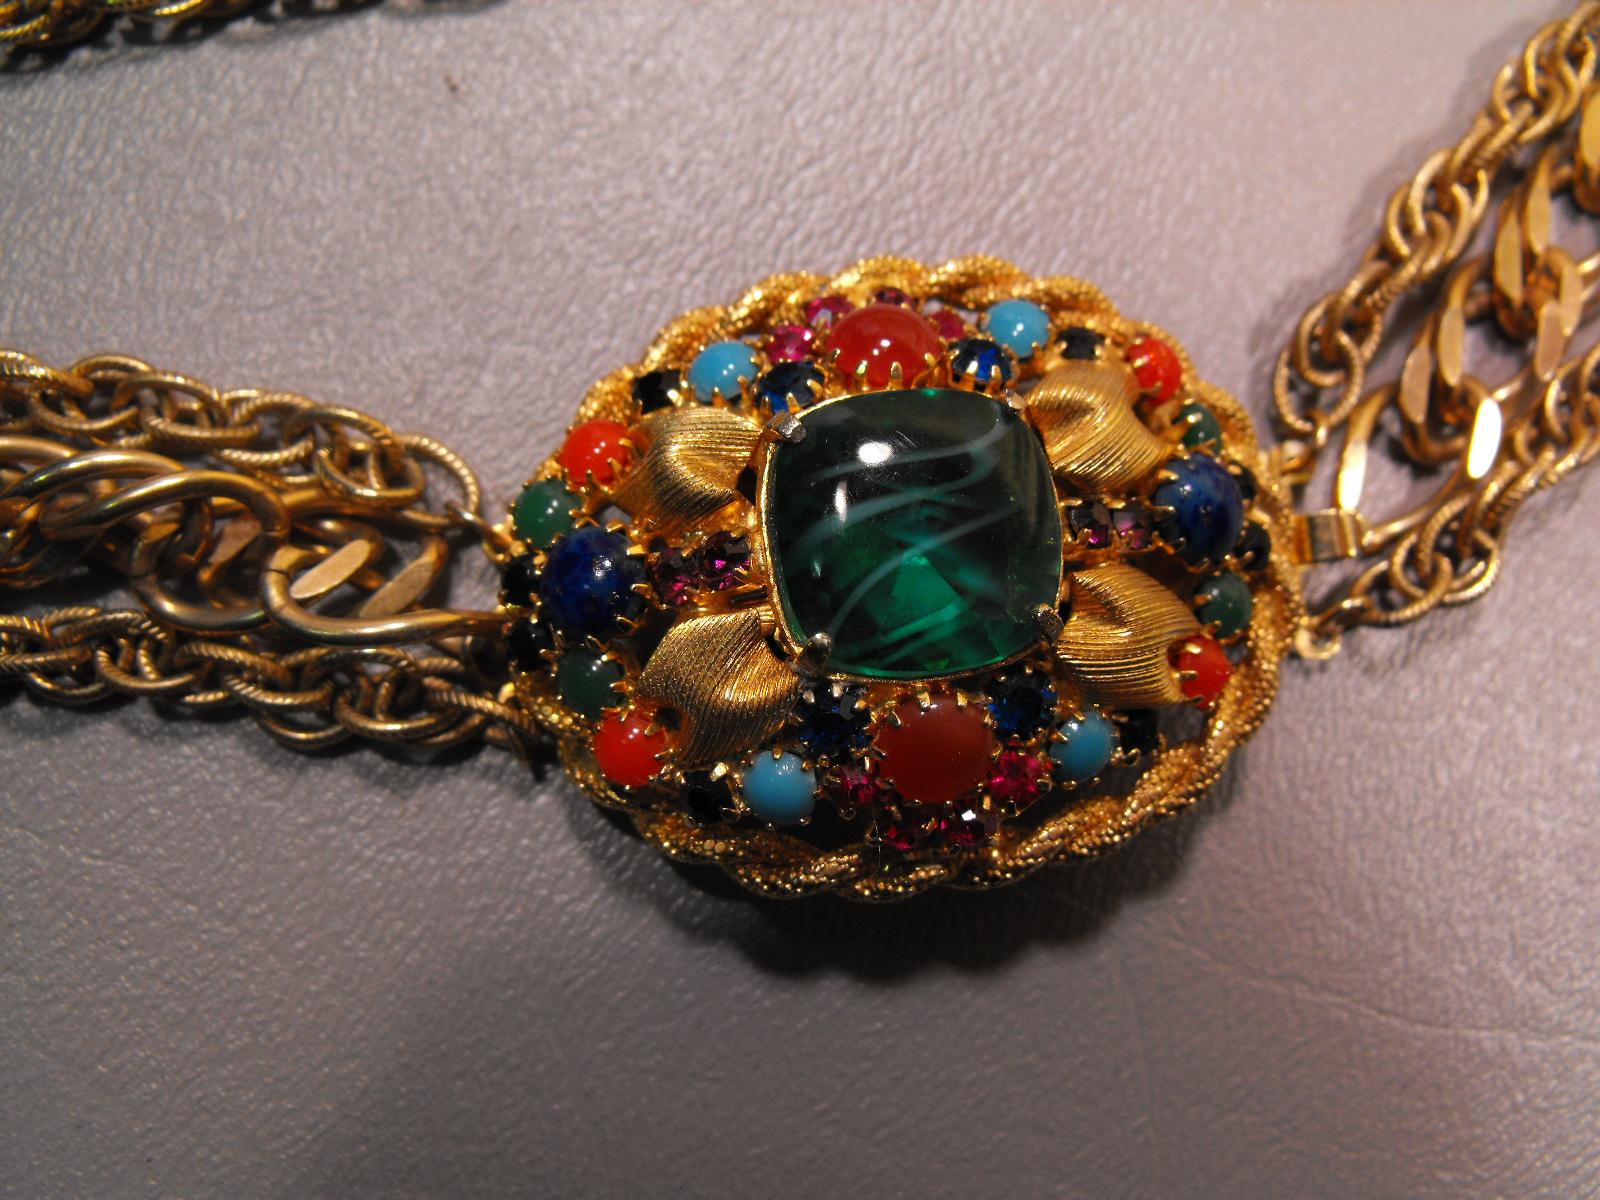 Hobe Necklace W Cabochon Clasp Clive S Unique Jewelry